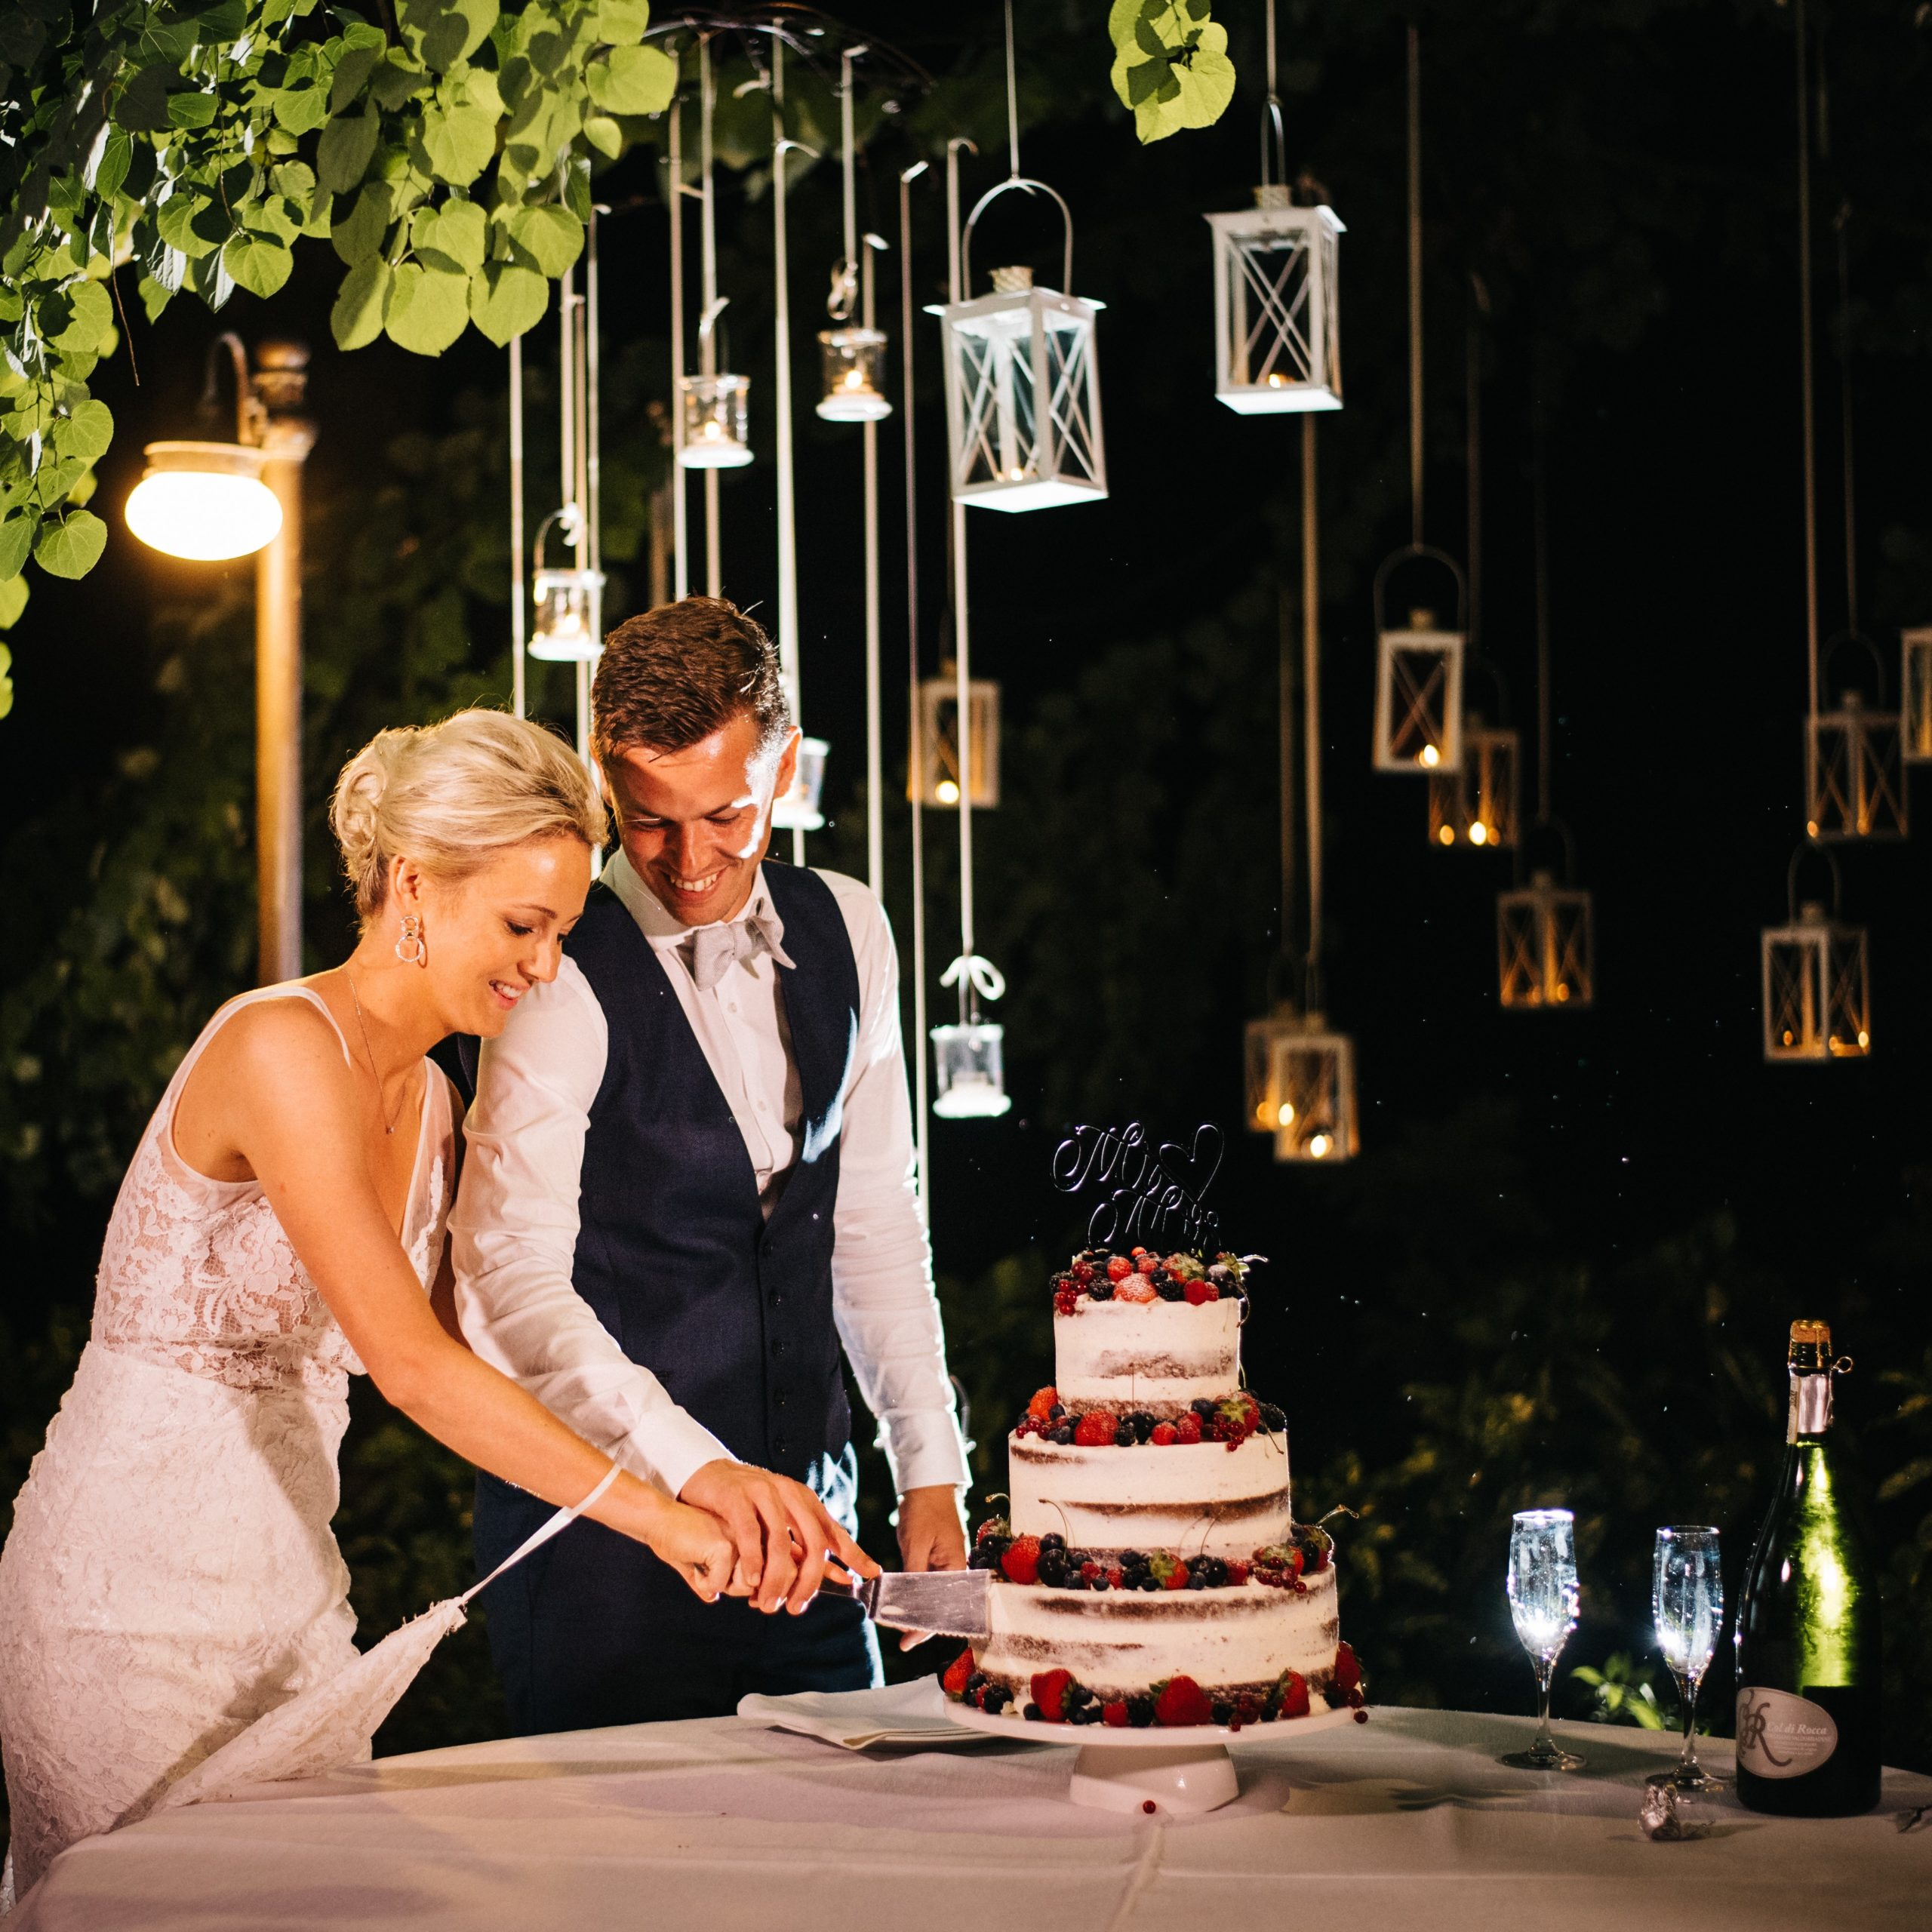 taglio wedding cake nuda seminuda naked frutti di bosco mr&mrs